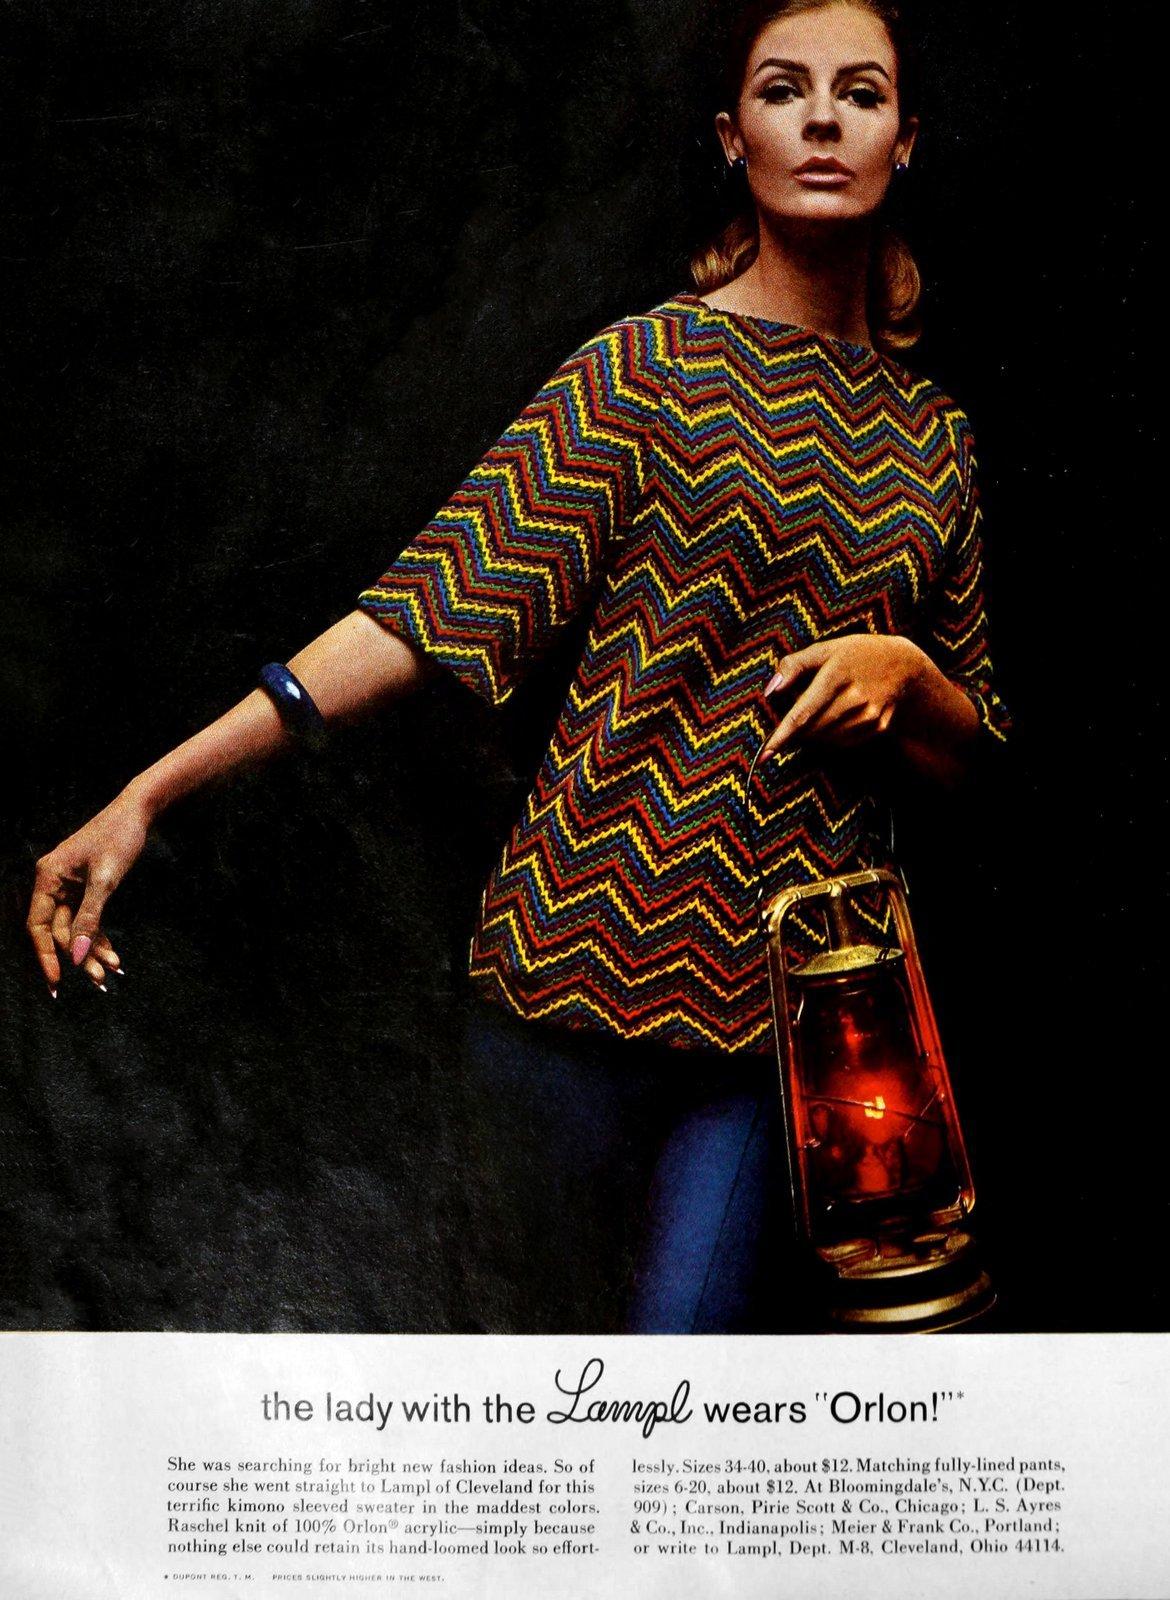 Lampl Orlon zig-zag striped sweater in primary colors (1965)